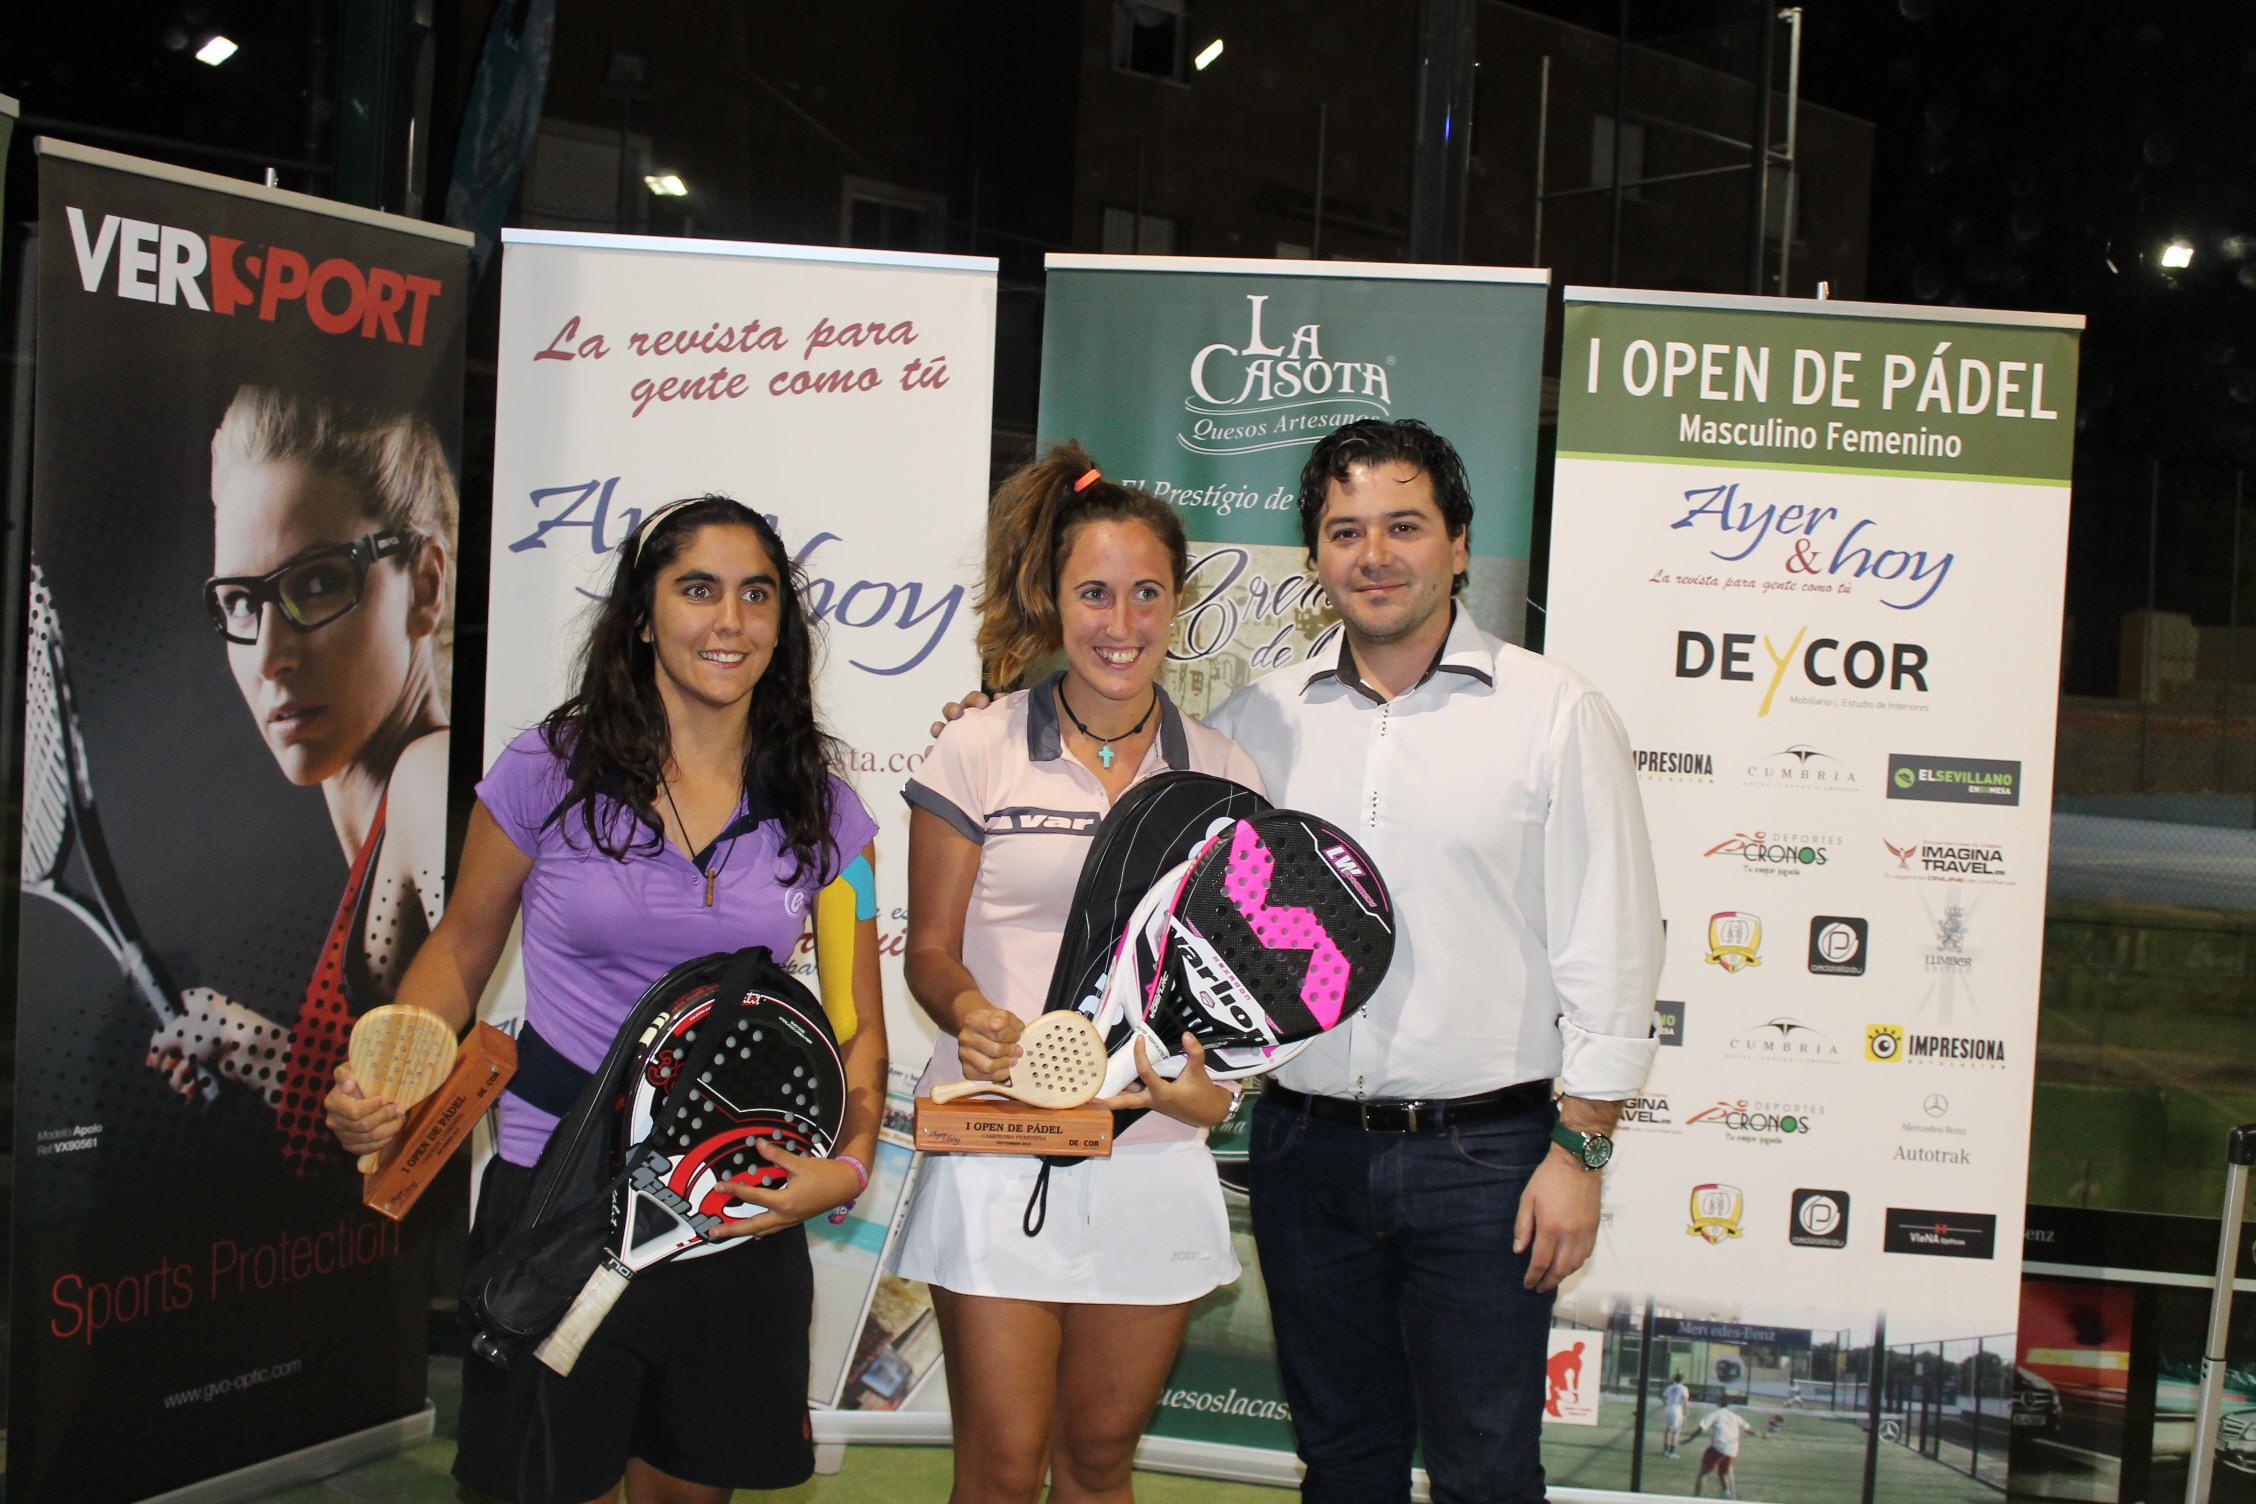 Open de pádel Ayer & hoy y Deycor Muebles -05 campeonas femenina entrega trofeos David Triguero